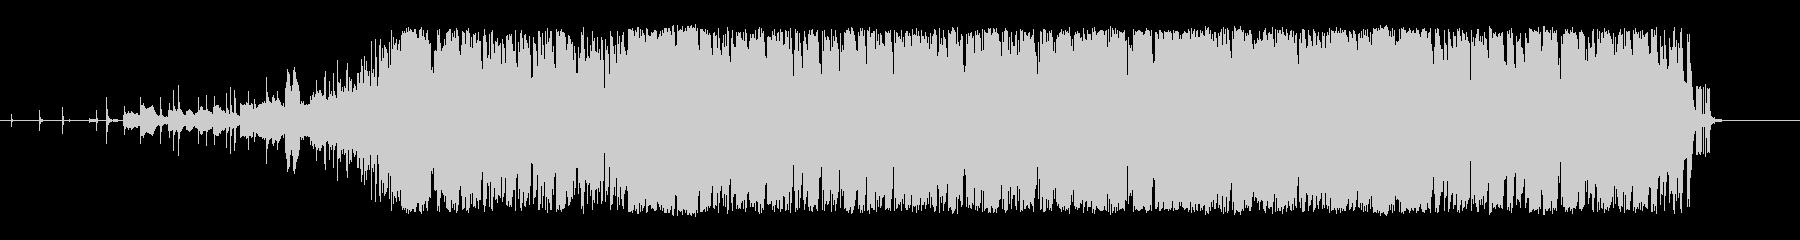 インダストリアル、かっこいいピアノシンセの未再生の波形